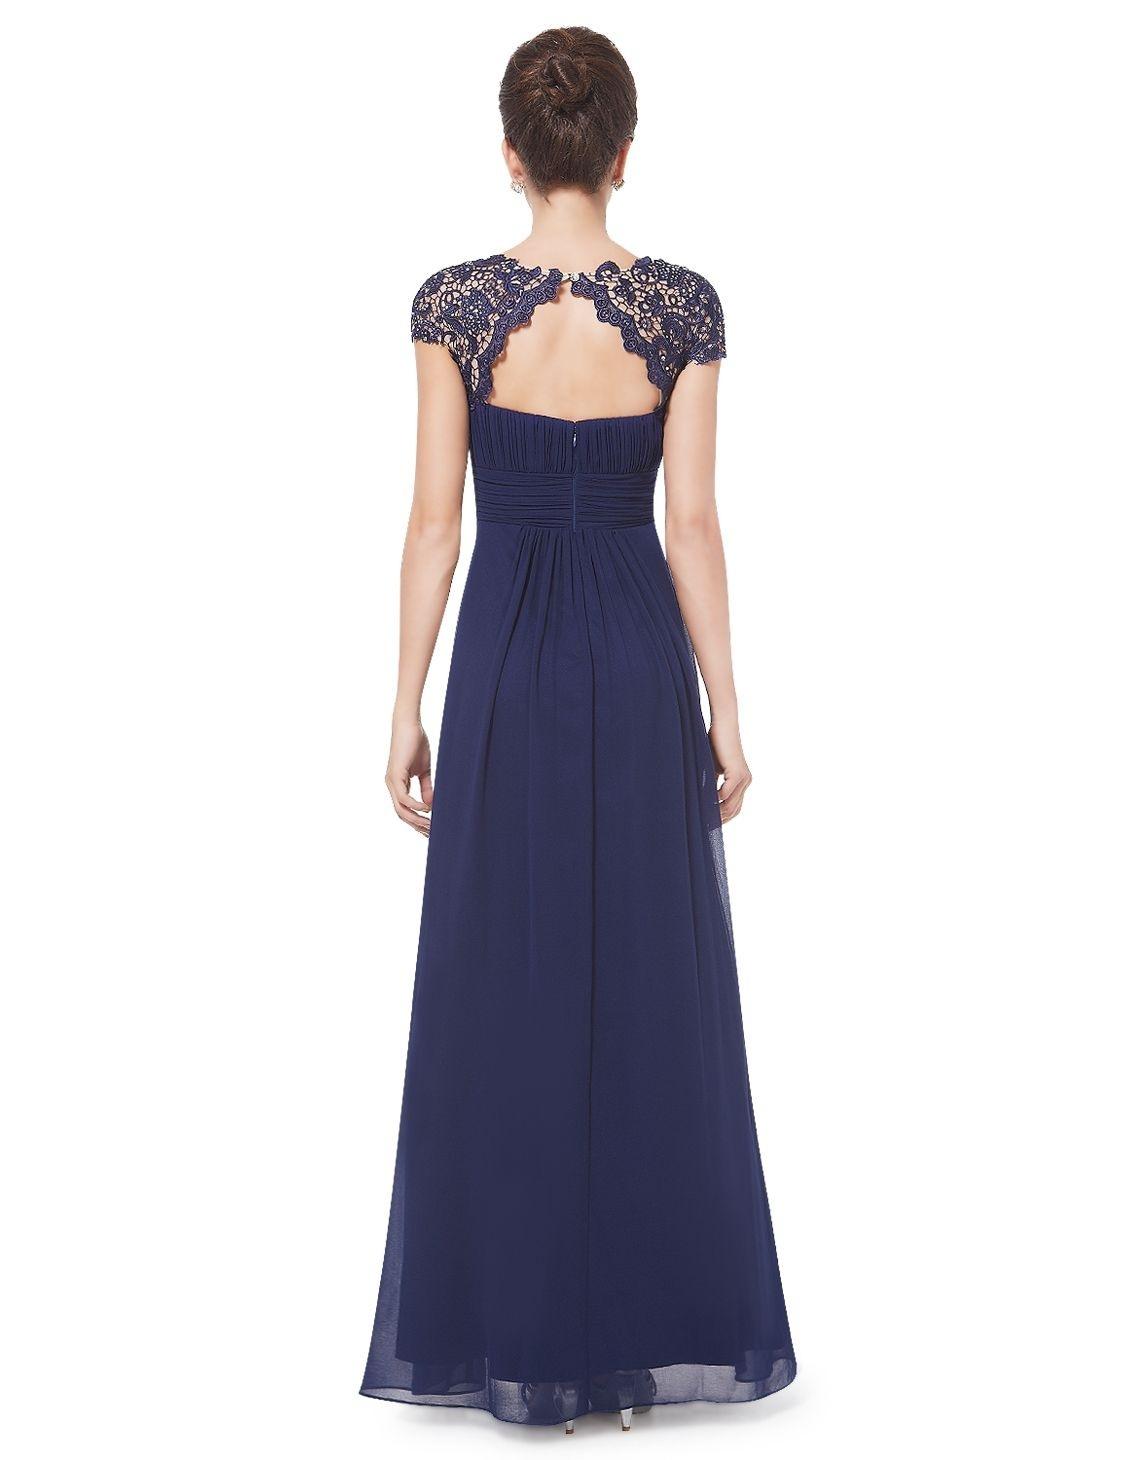 17 Schön Langes Dunkelblaues Kleid Vertrieb15 Großartig Langes Dunkelblaues Kleid Design